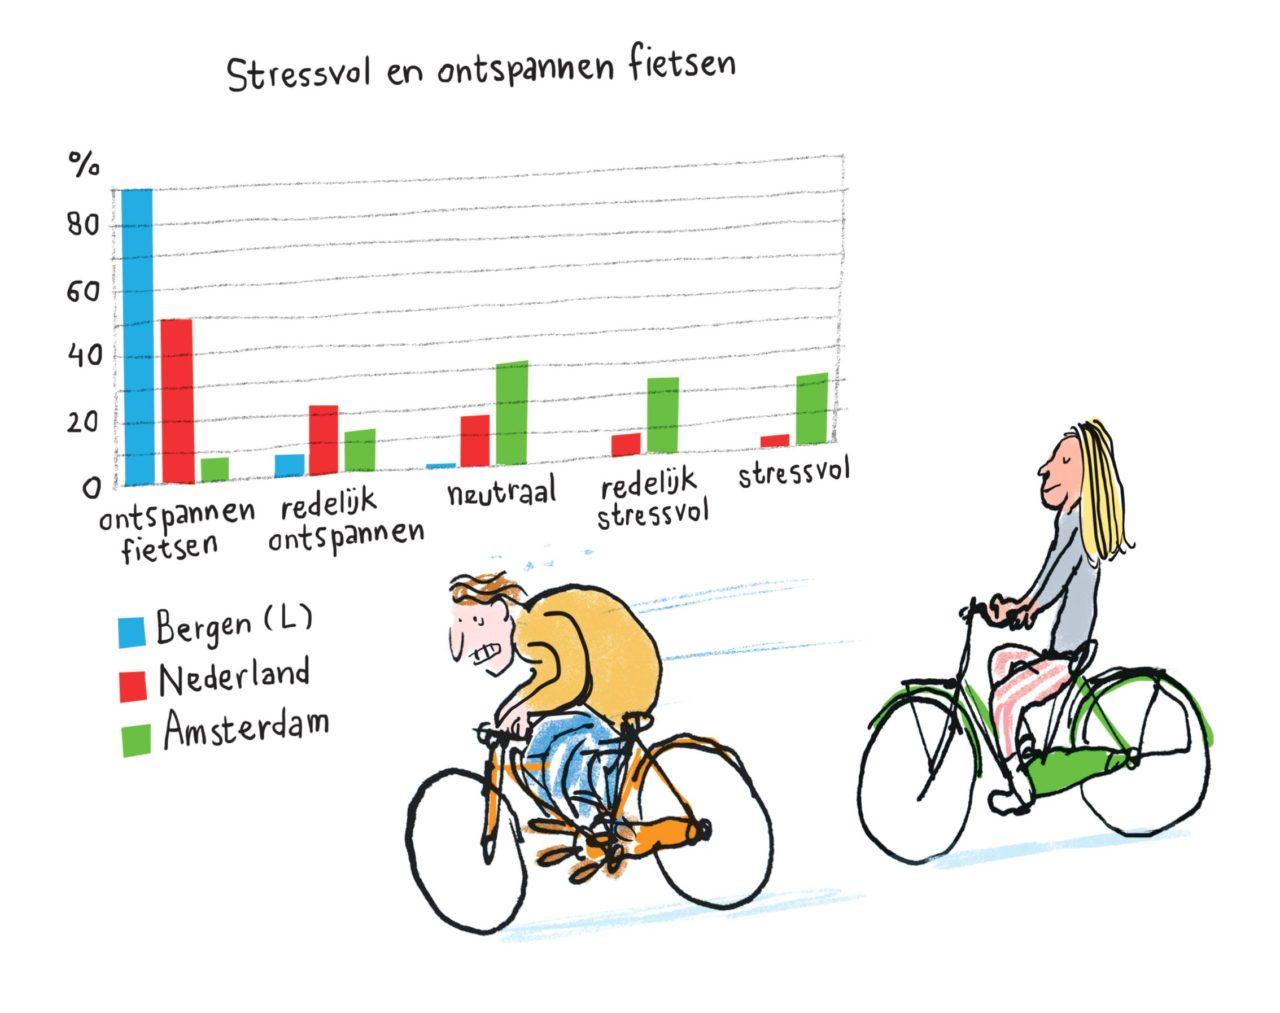 stressvol fietsen, relaxed fietsen, fietsersbond